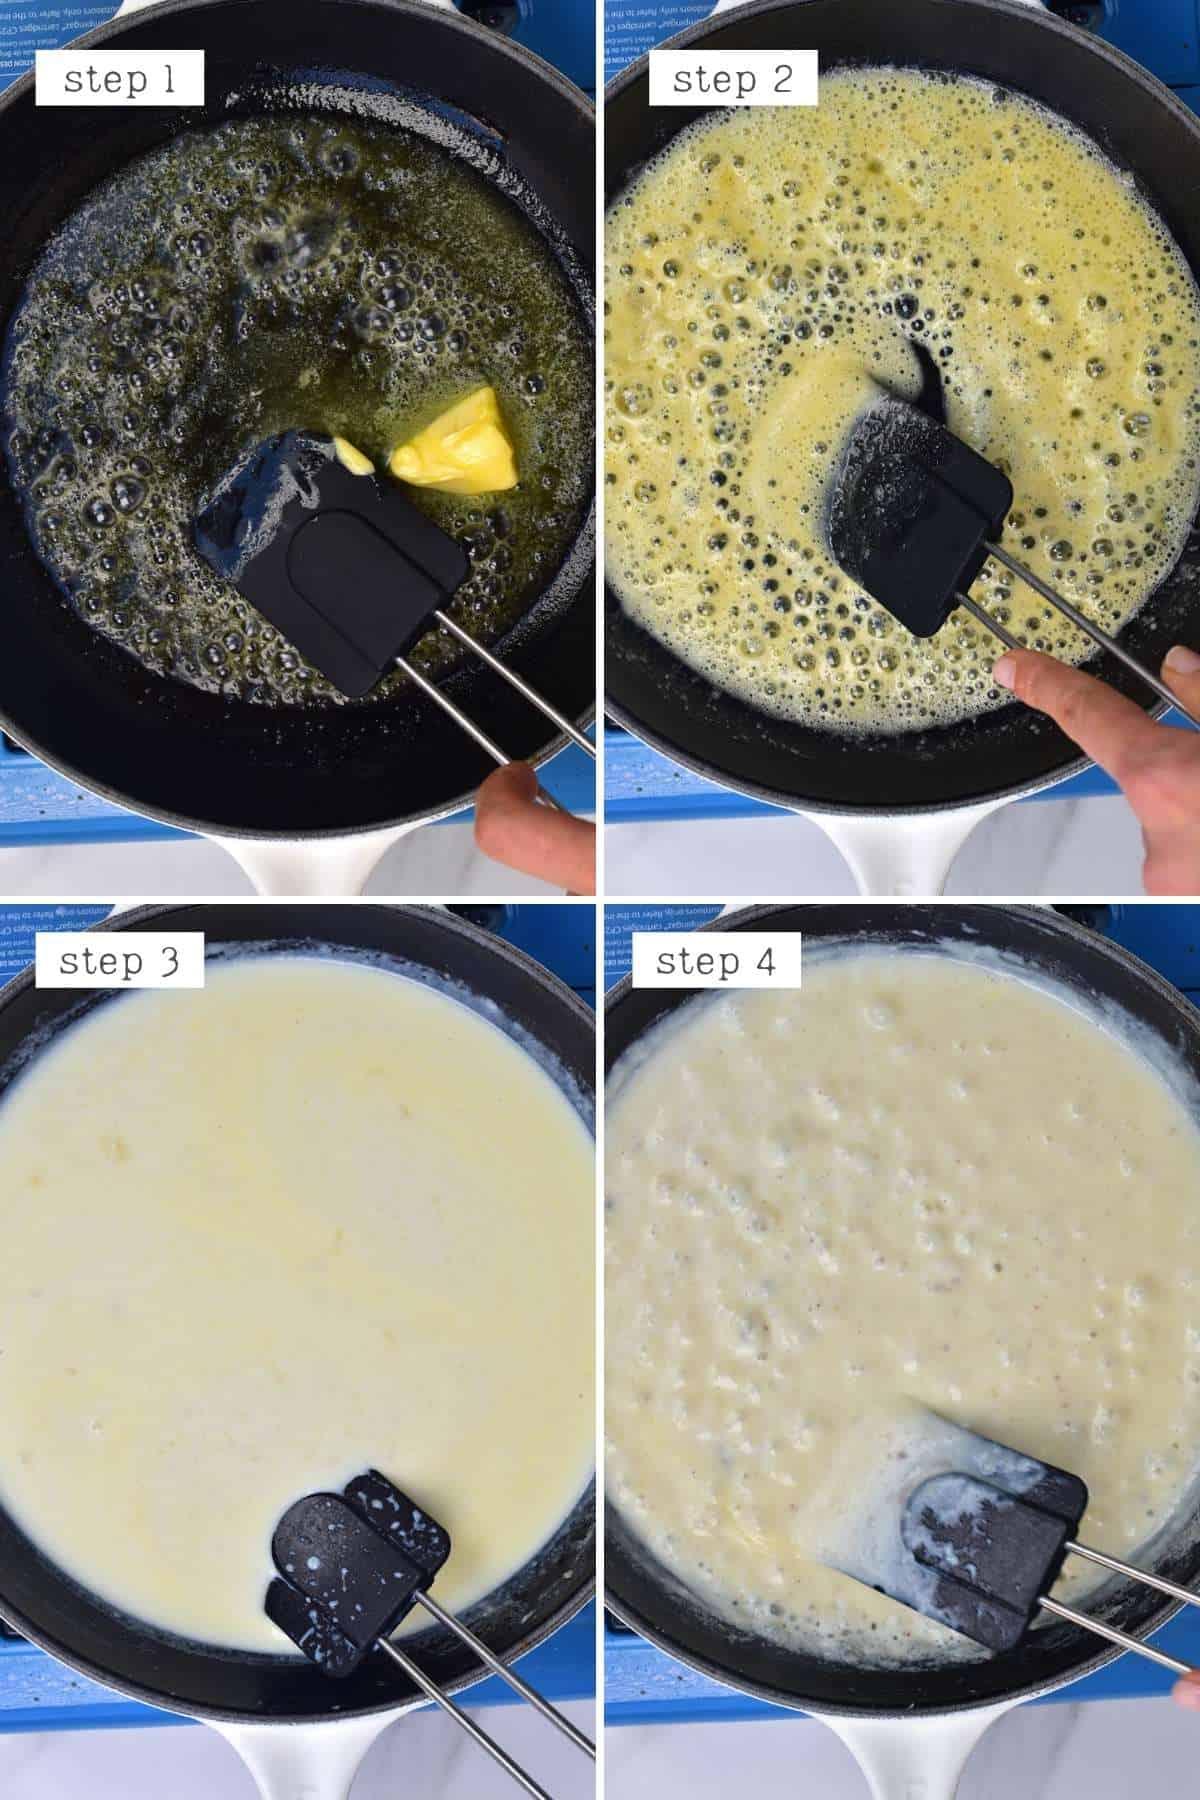 Steps for making bechamel sauce